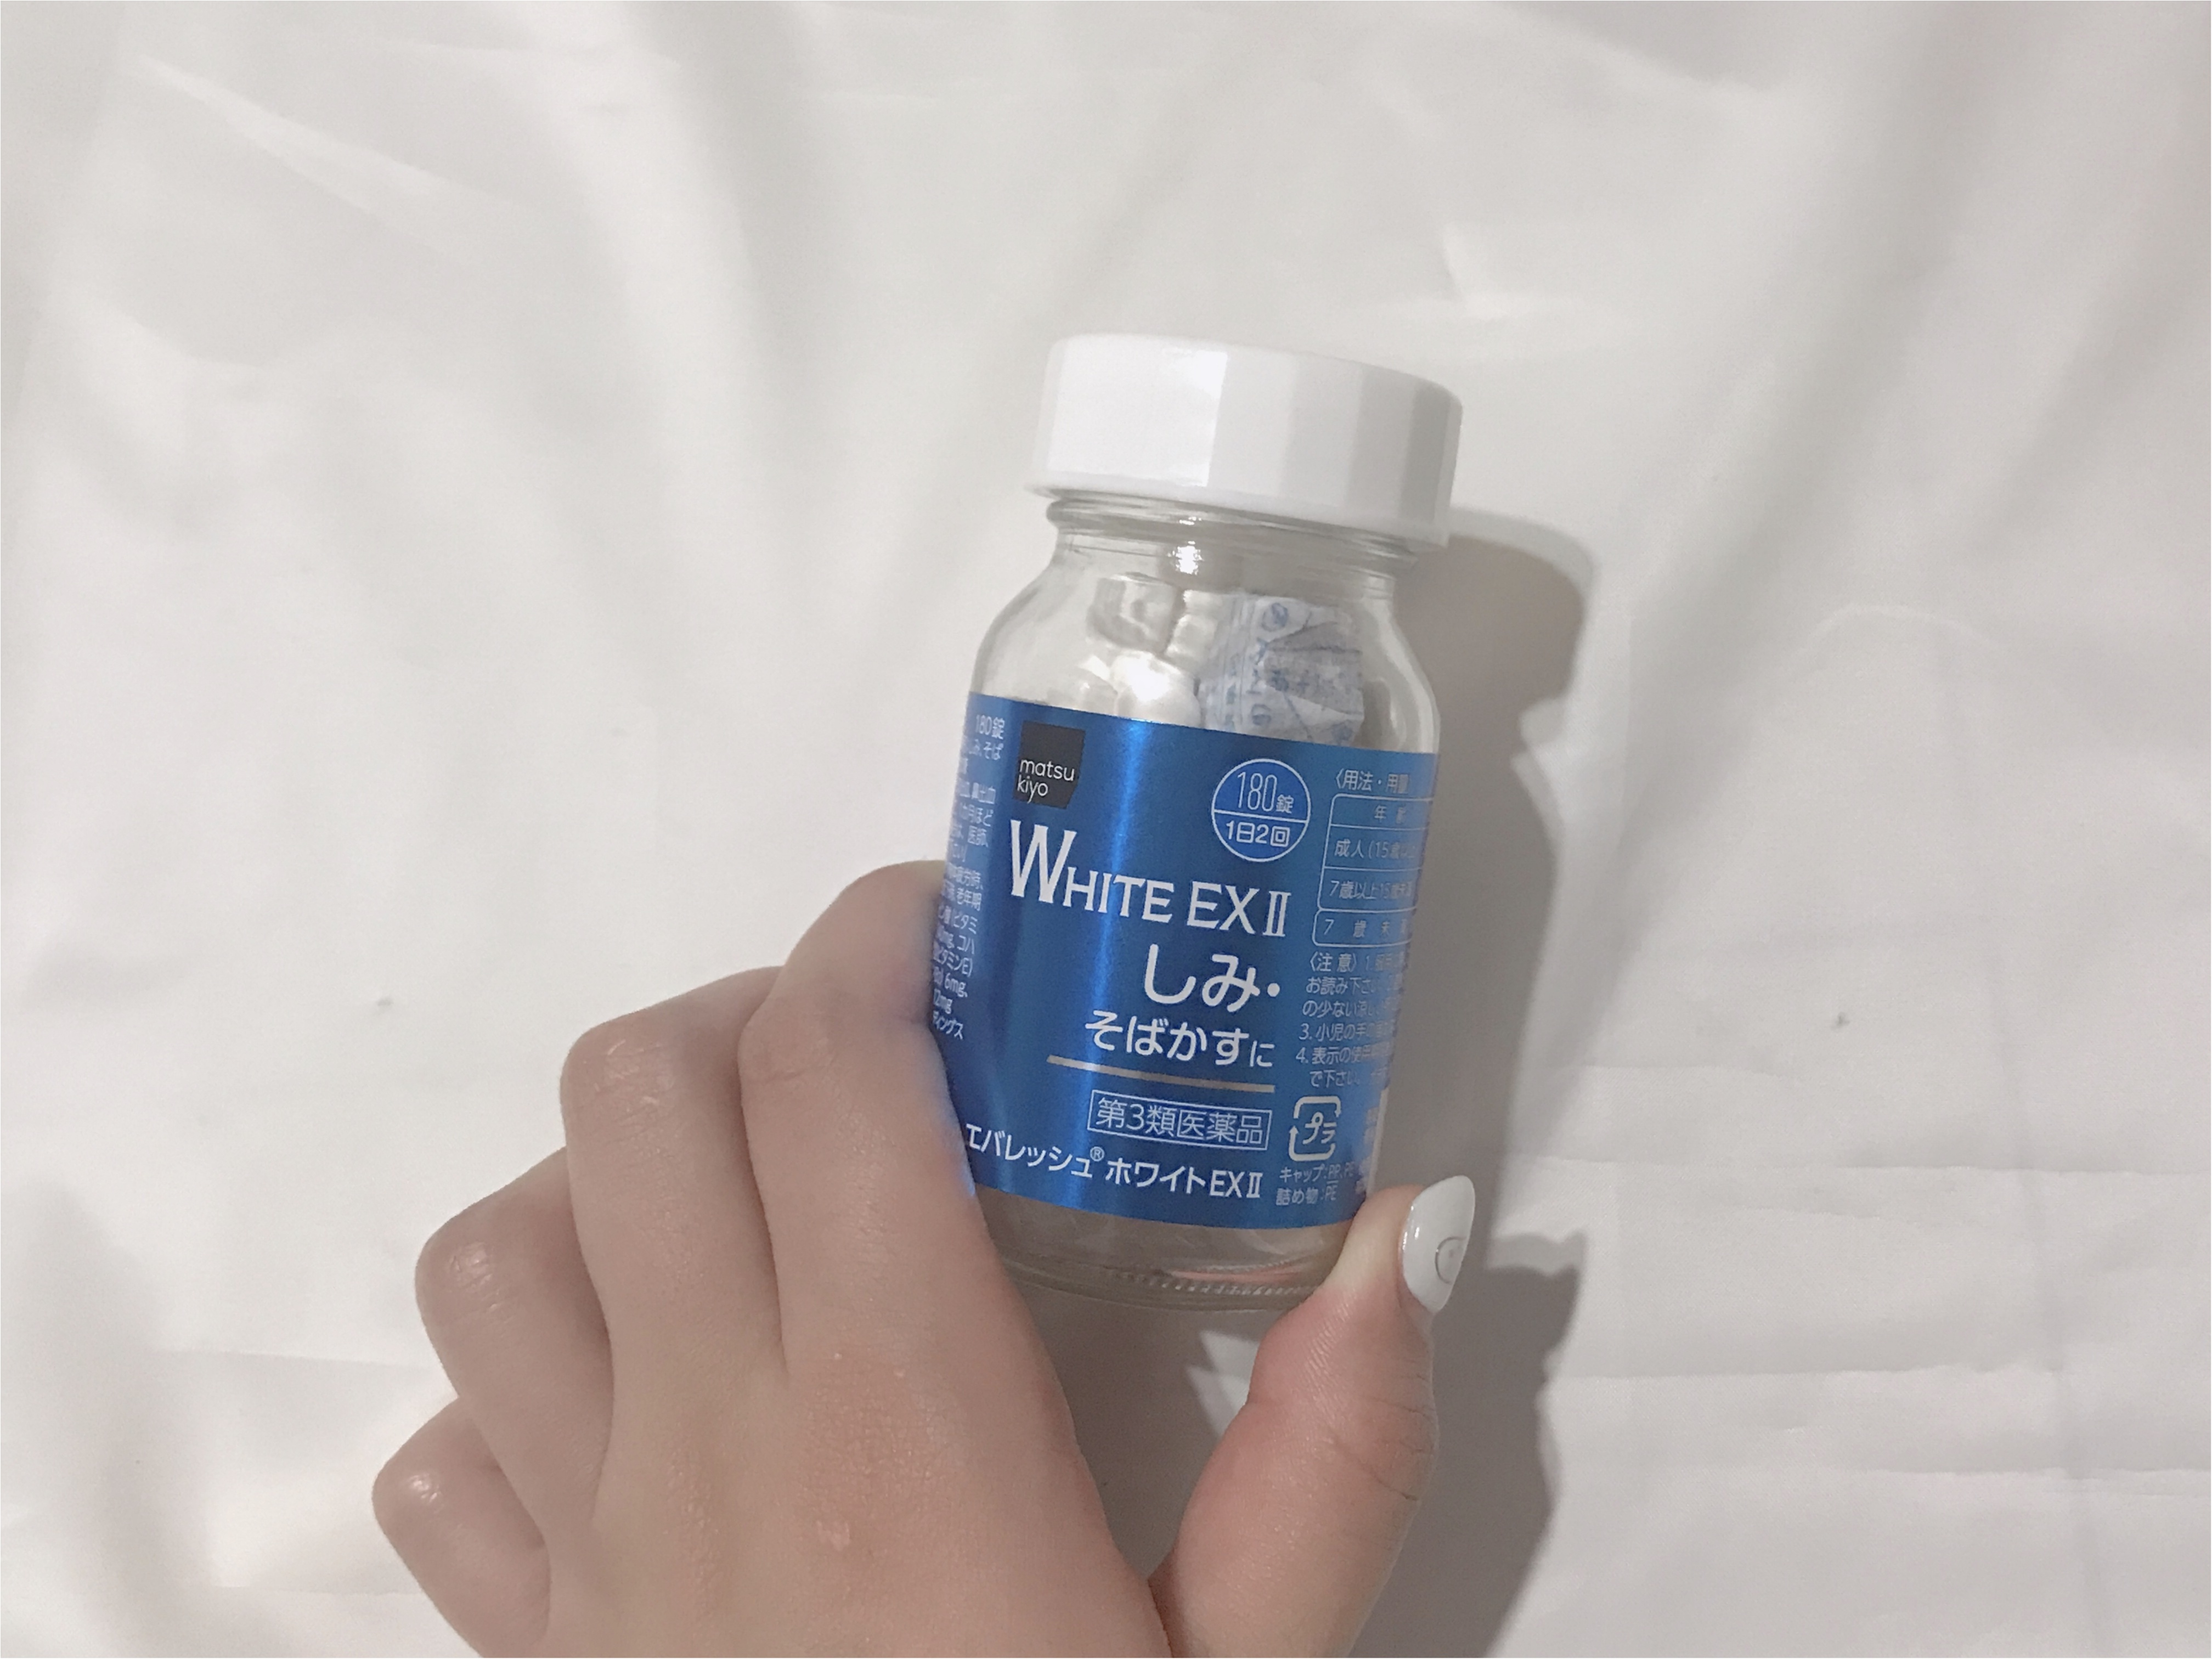 美白化粧品特集 - シミやくすみ対策・肌の透明感アップが期待できるコスメは? 記事Photo Gallery_1_38